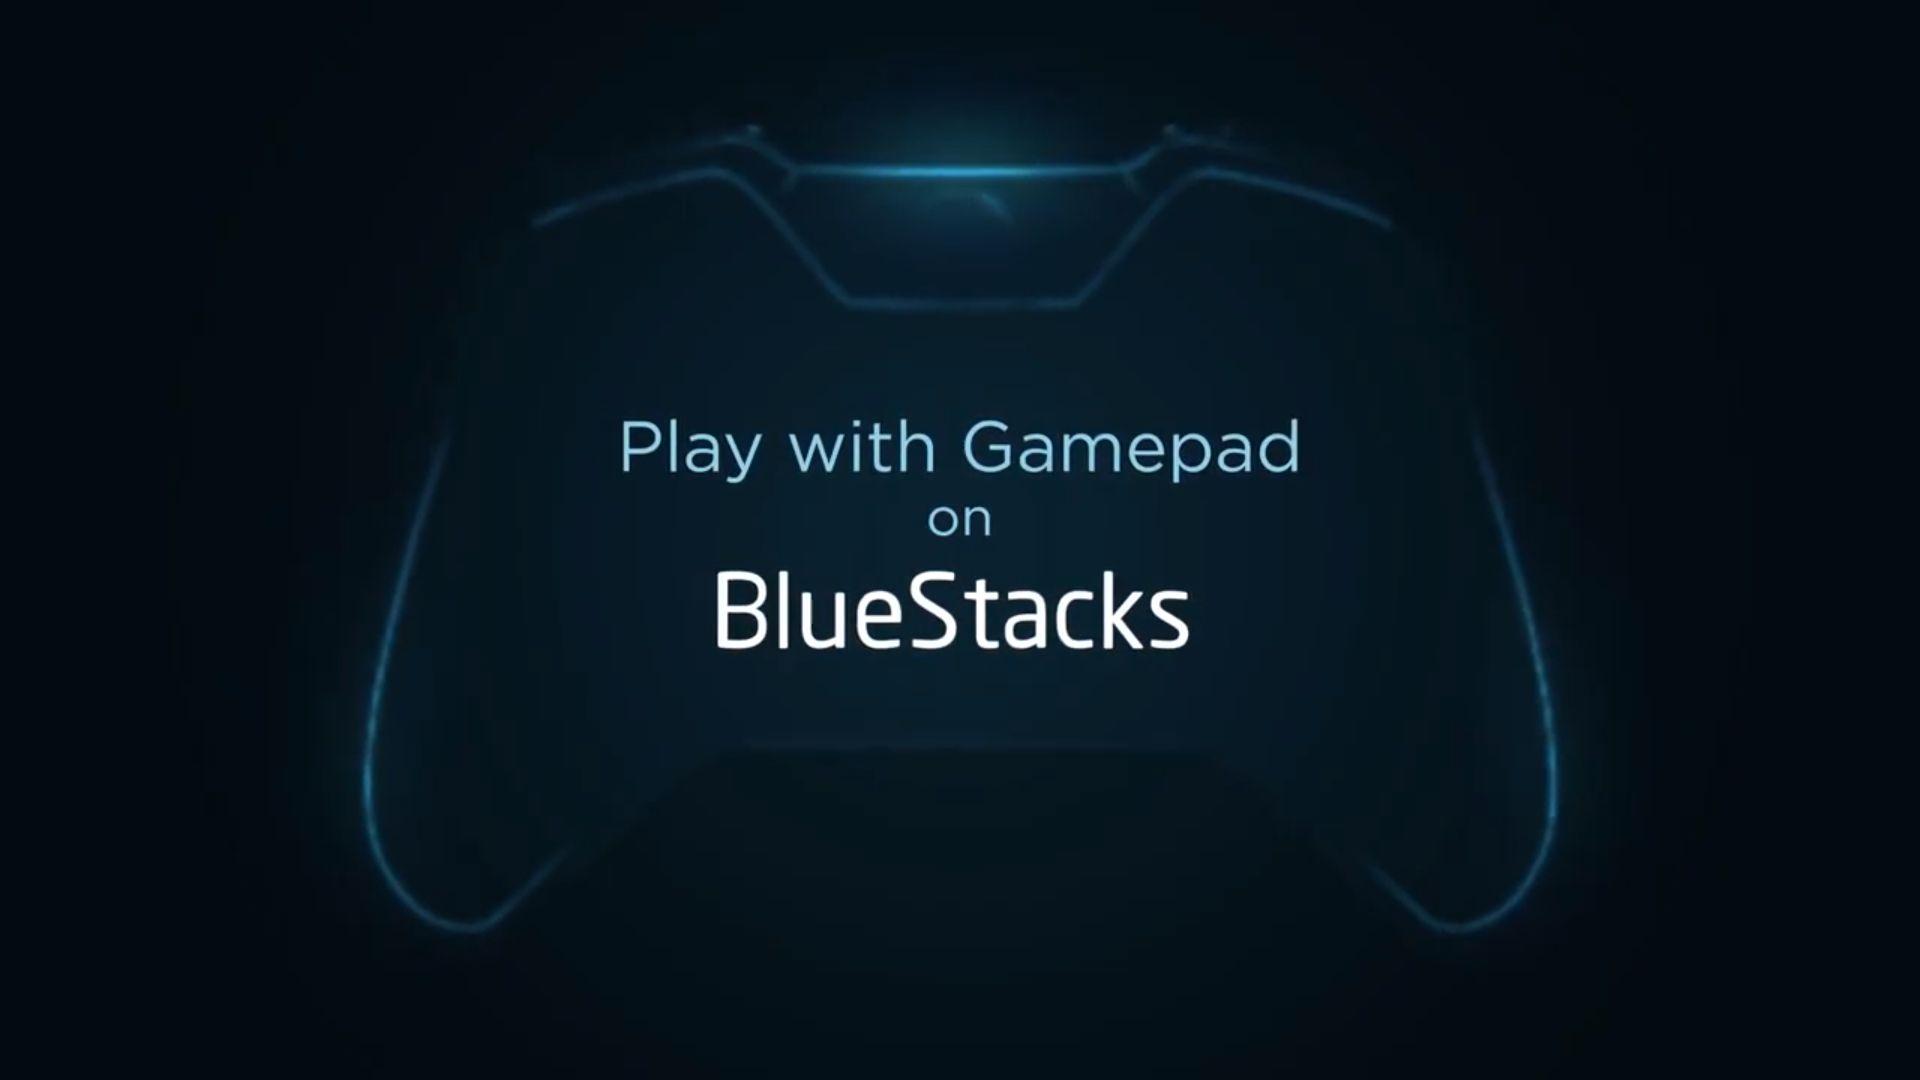 BlueStacks Gamepad-Unterstützung – Genieße deine Lieblingsspiele mit maximalem Komfort